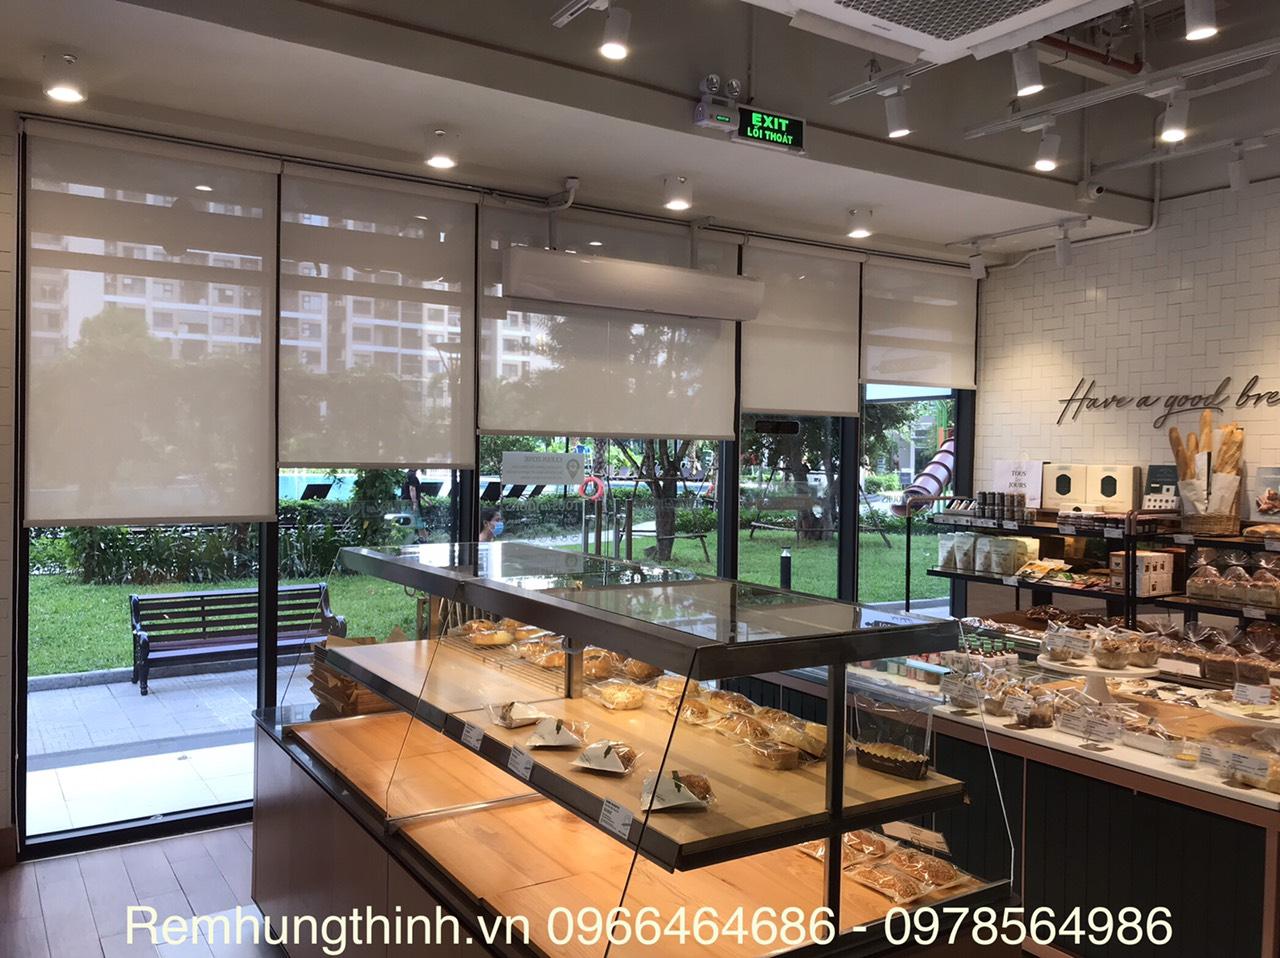 Rèm cuốn lưới tại phường Thanh Xuân Trung – Quận Thanh Xuân – Hà Nội